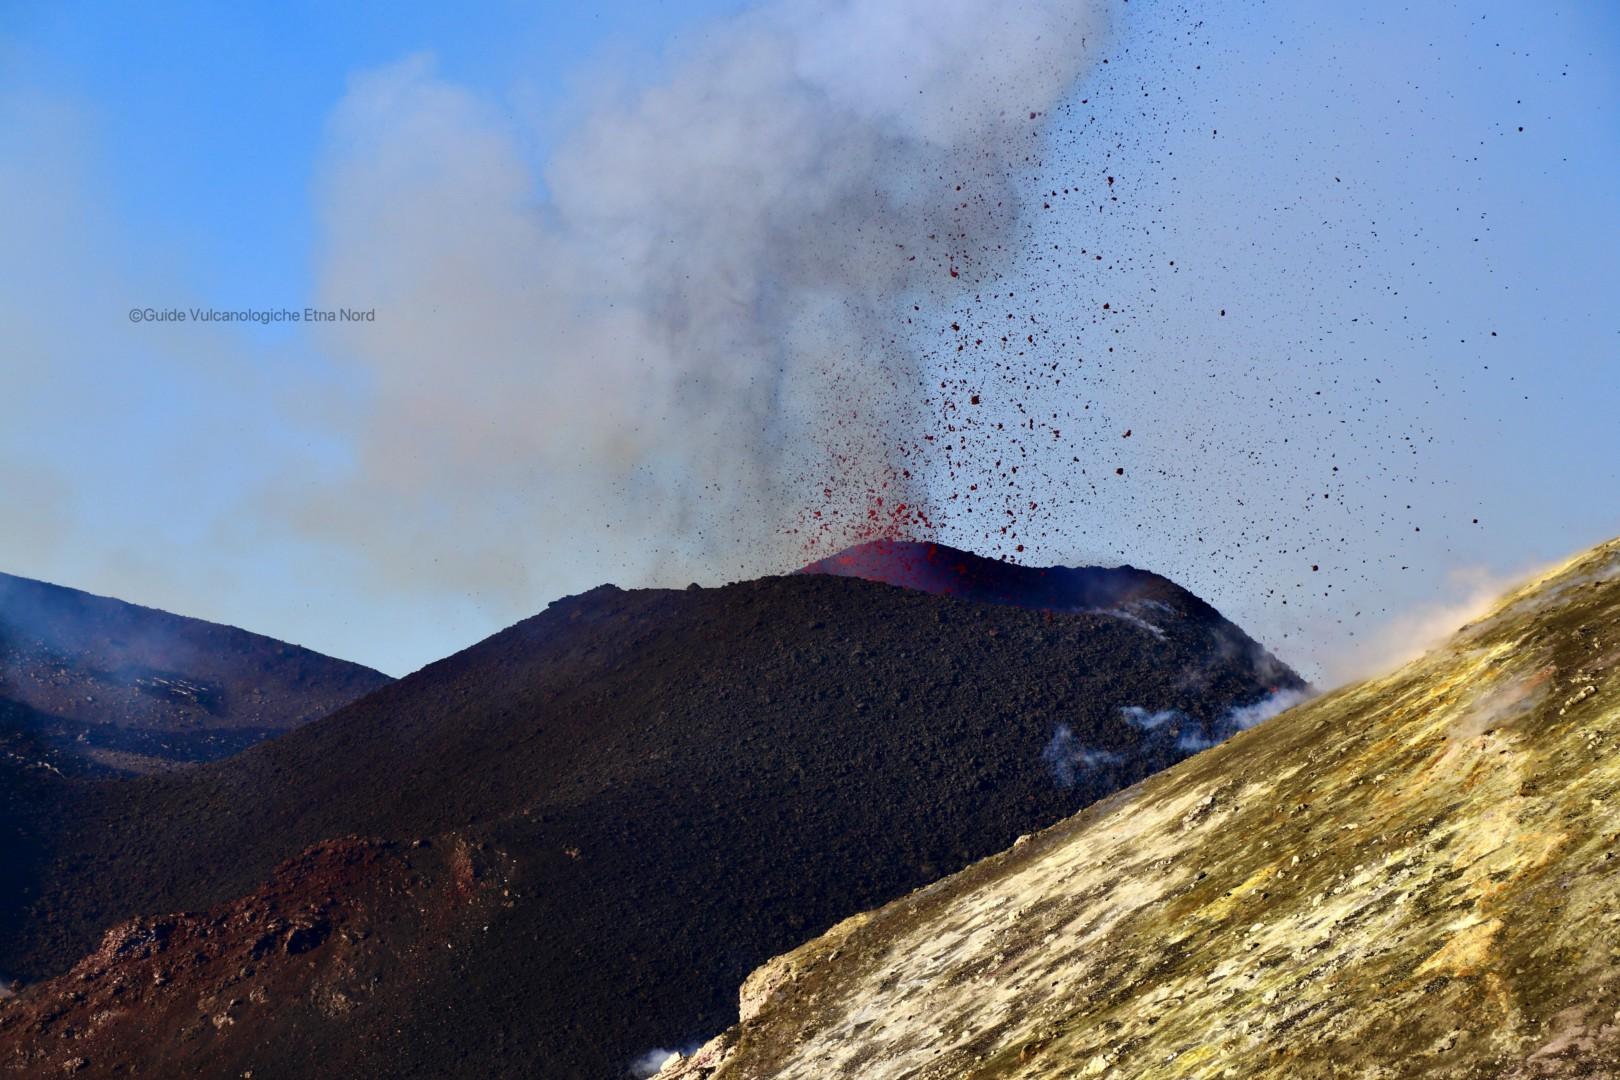 Accesso ai Crateri Sommitali dell'Etna – Comune di Zafferana Etnea 17 dicembre 2020